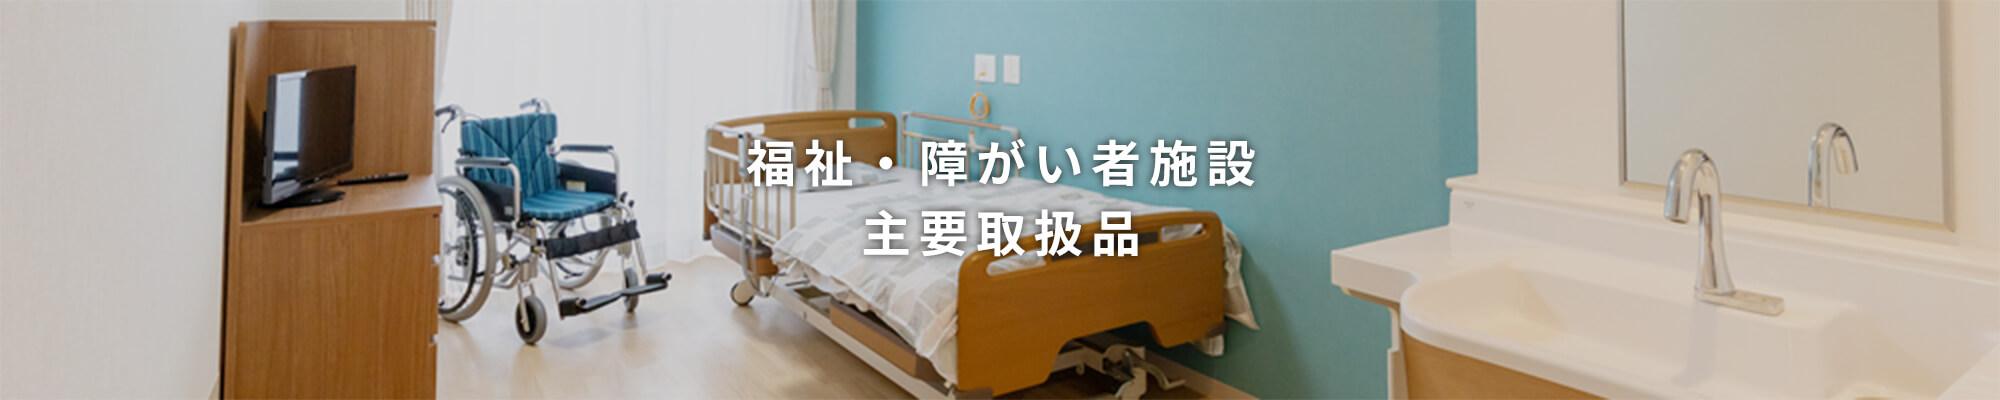 福祉・障がい者施設主要取扱品